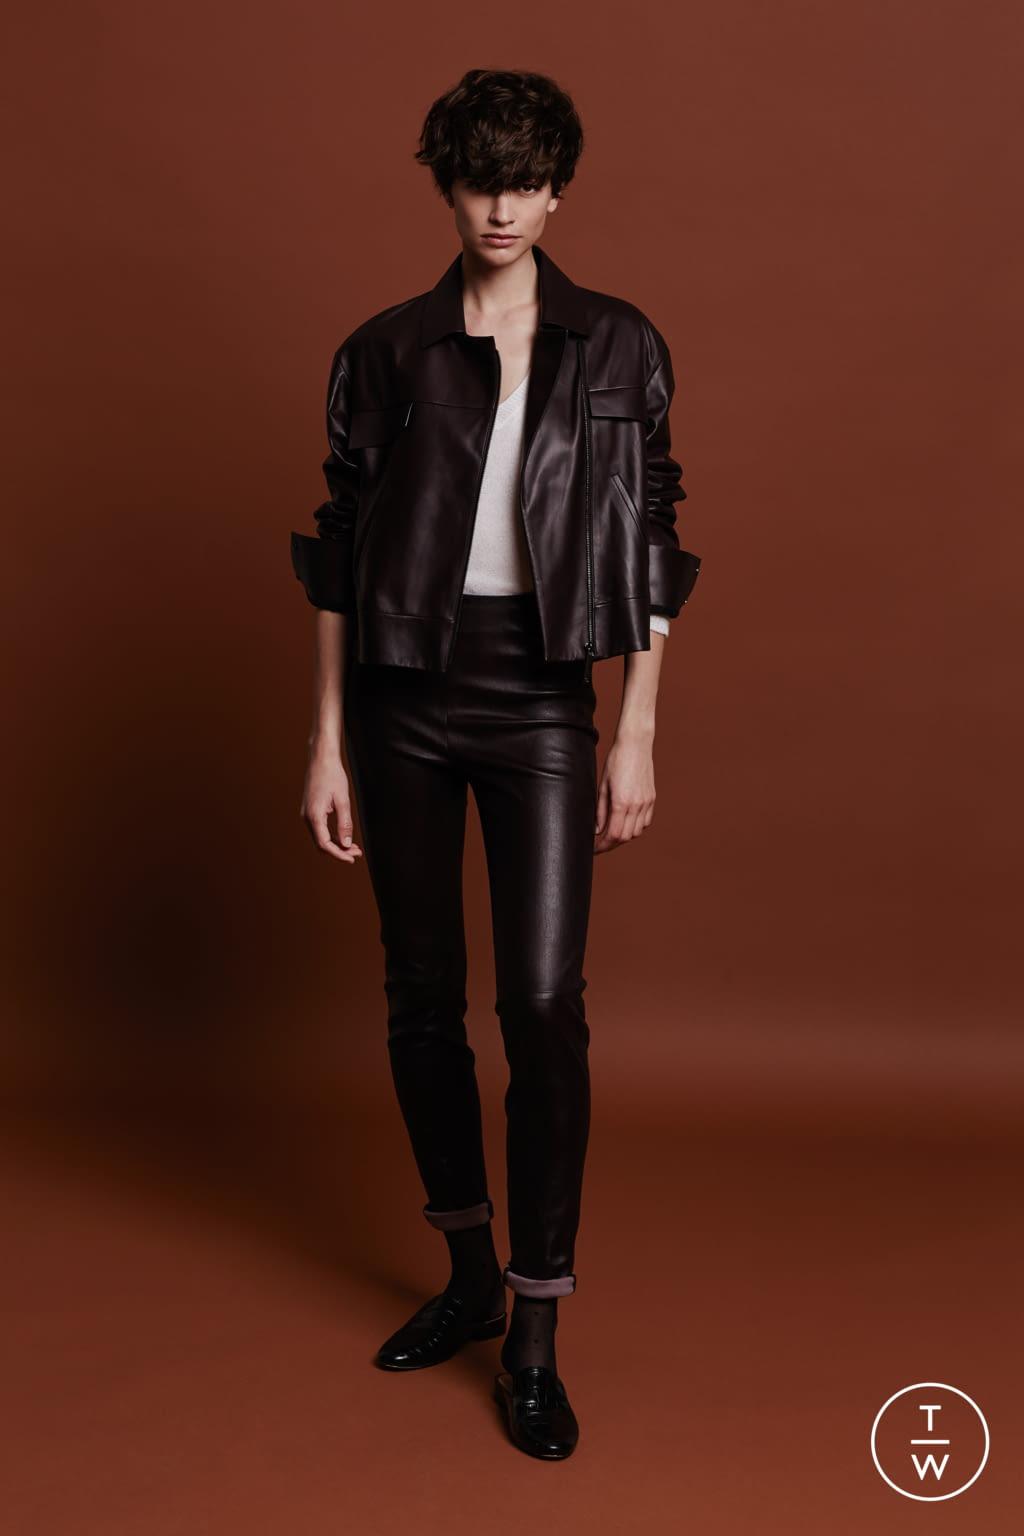 Fashion Week Paris Fall/Winter 2017 look 10 de la collection Maison Ullens womenswear